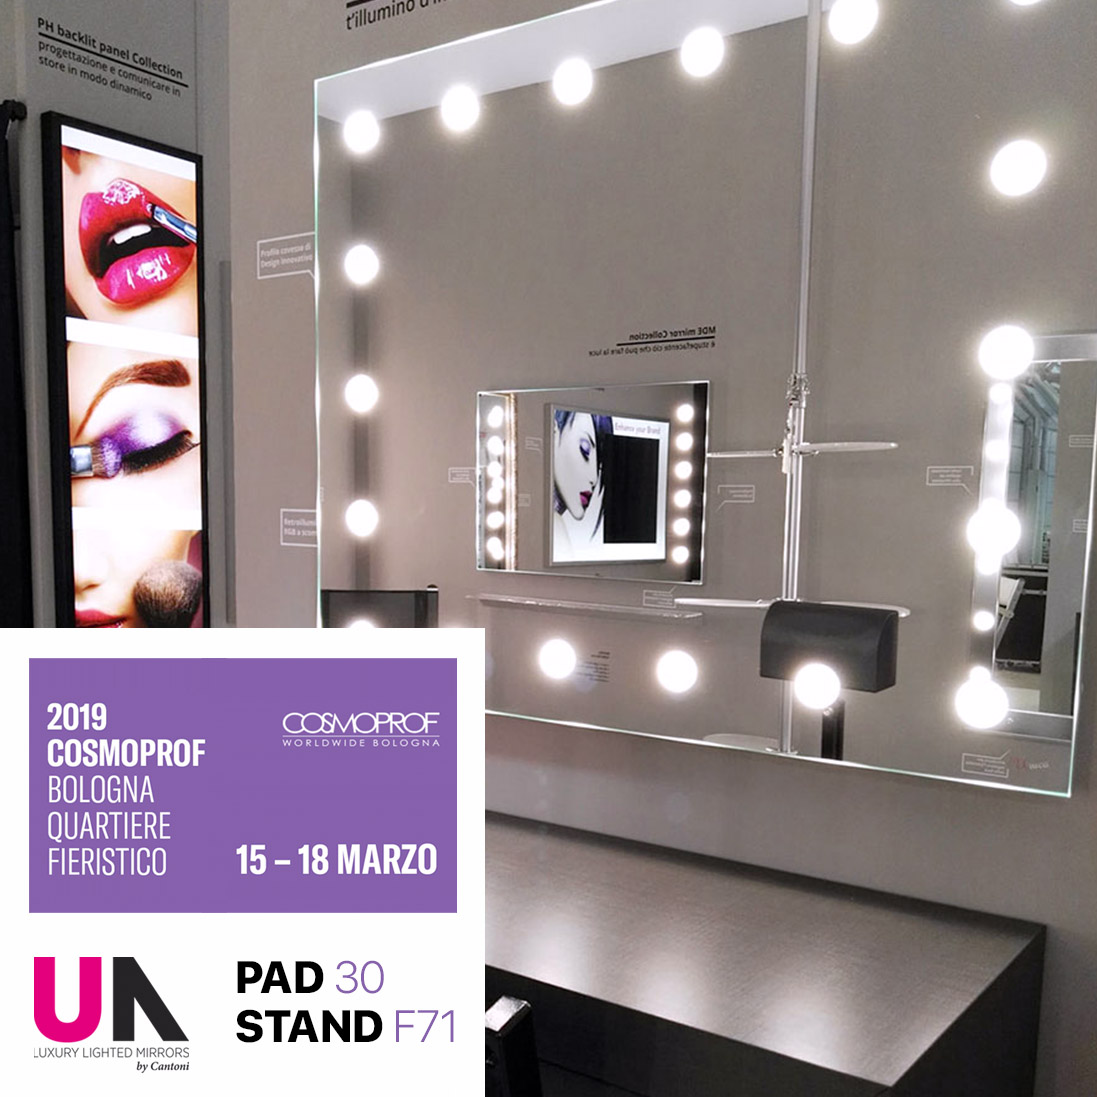 Cosmoprof 2019 e gli specchi Unica